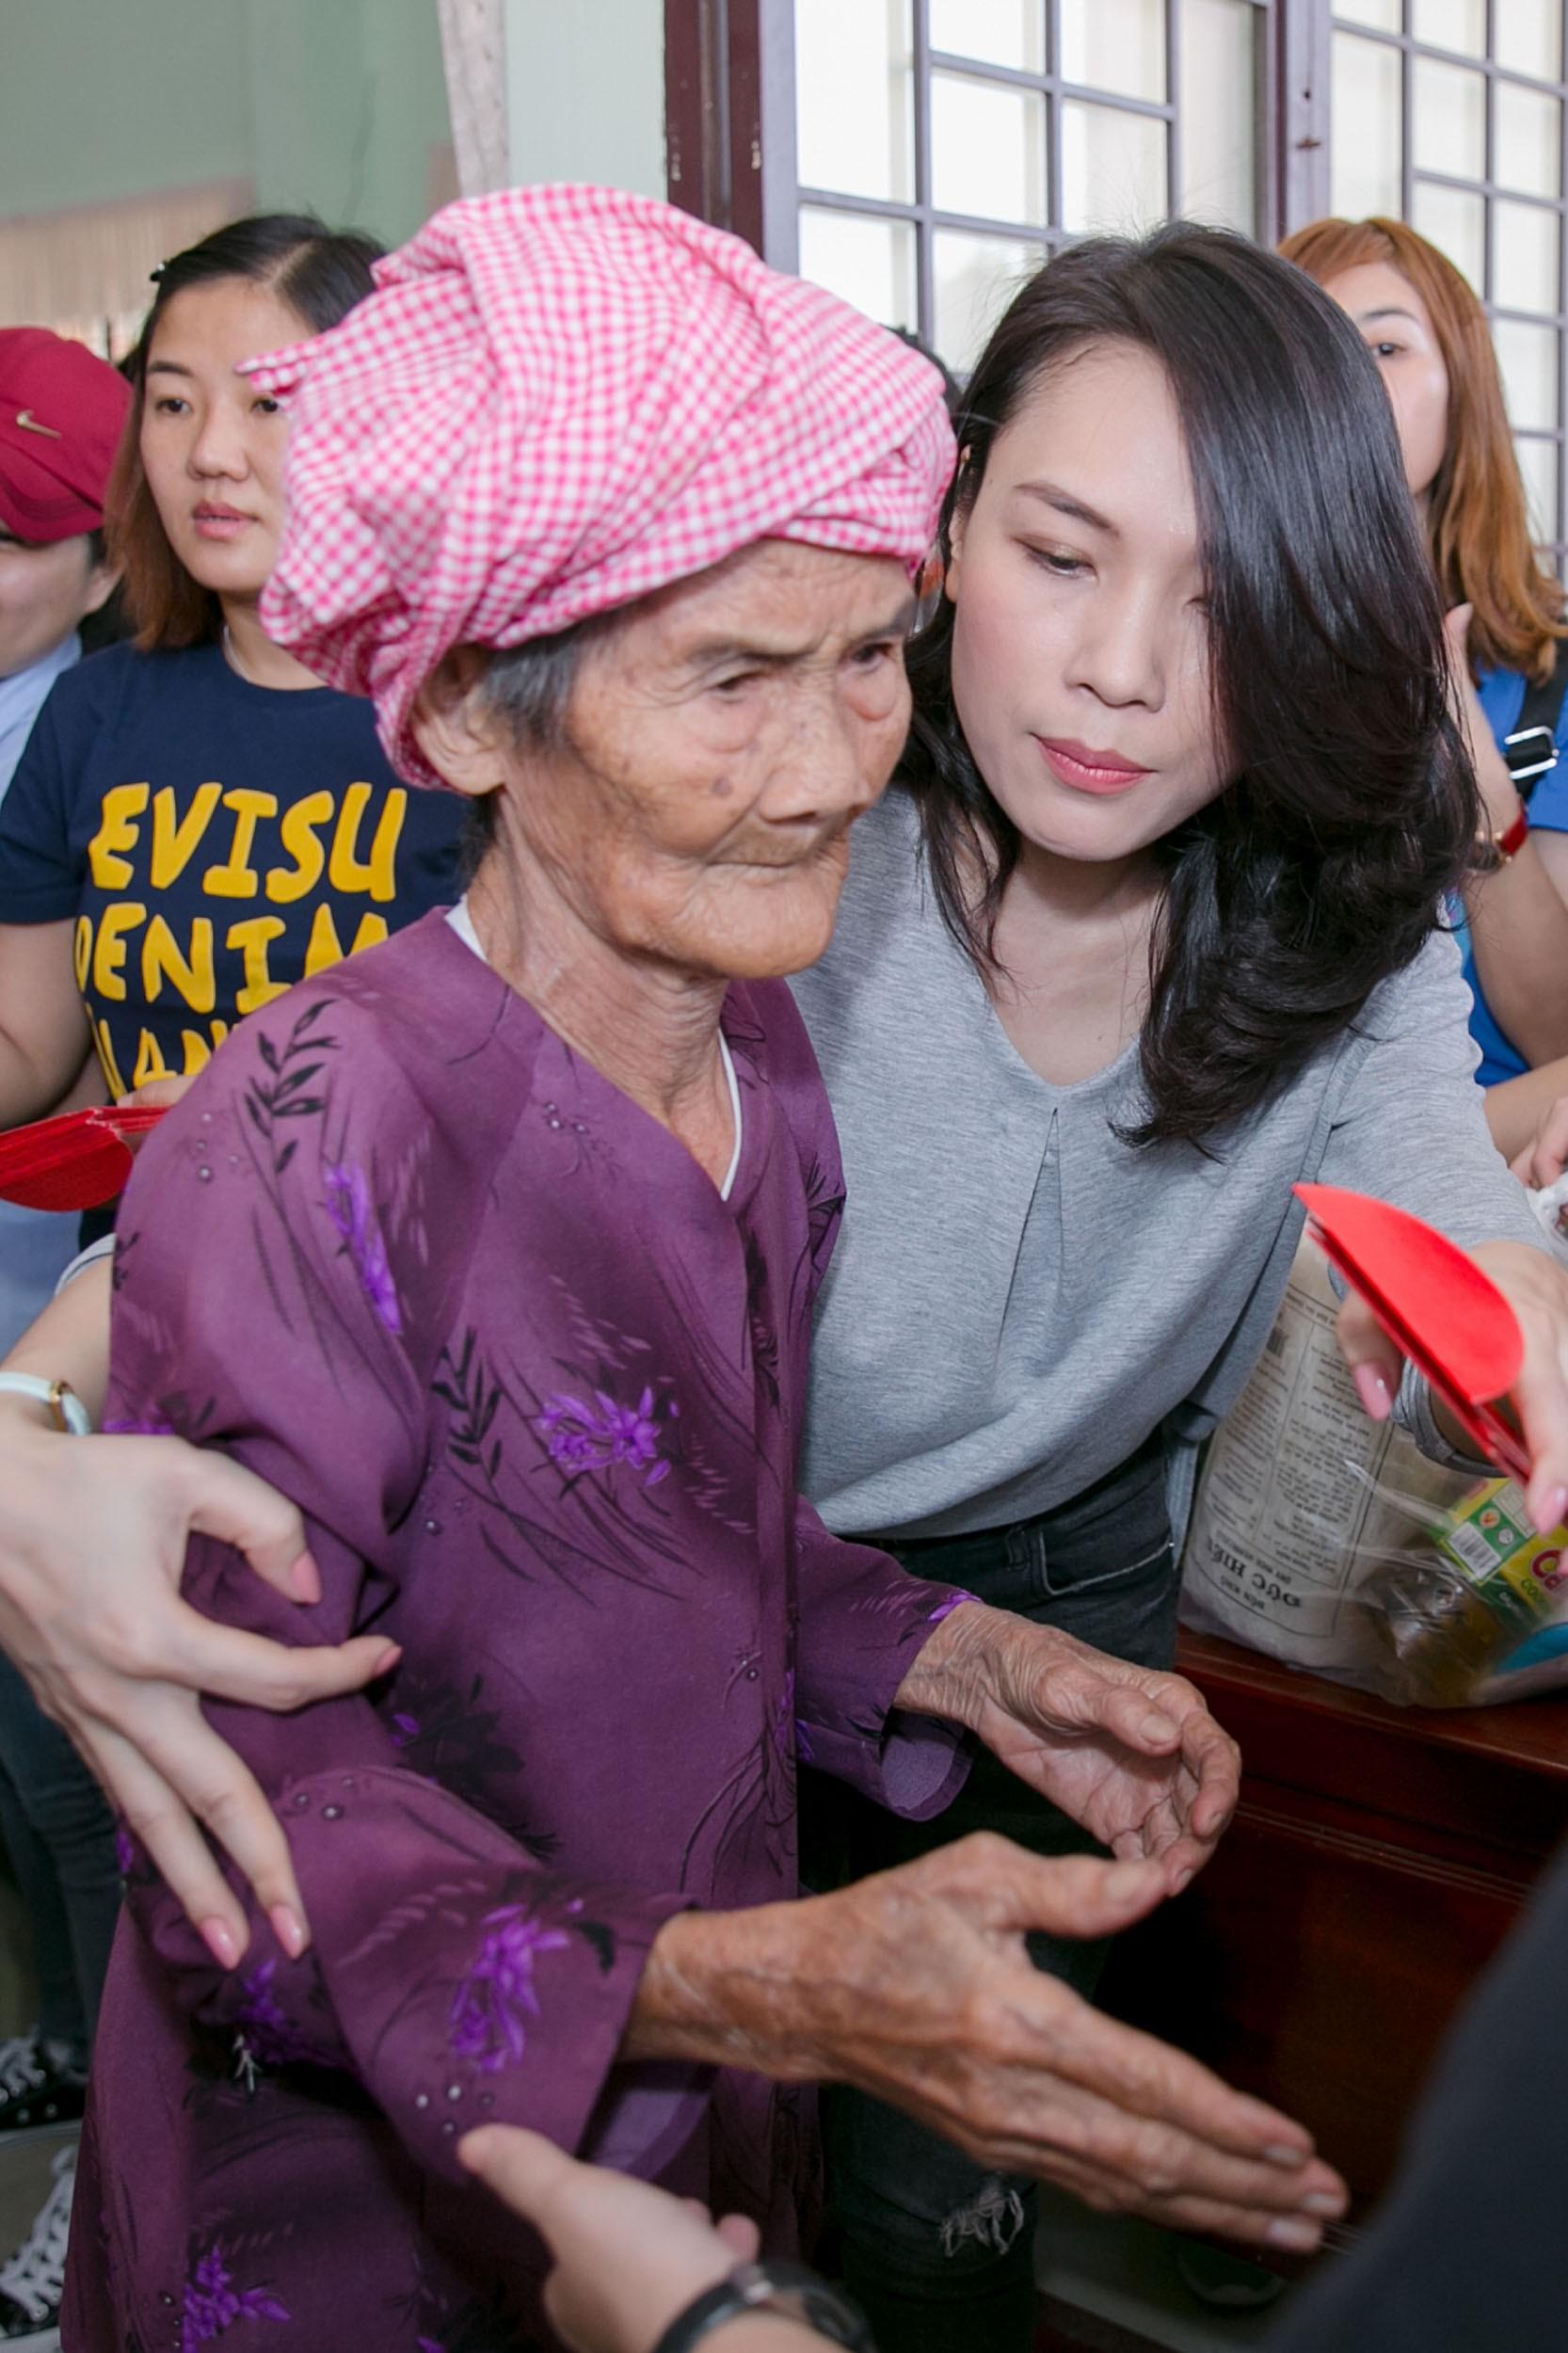 Giữ đúng lời hứa, Mỹ Tâm dành tiền bán đĩa Tâm 9 làm từ thiện, ân cần thăm hỏi, hát tặng bà con ở Long An - Ảnh 10.